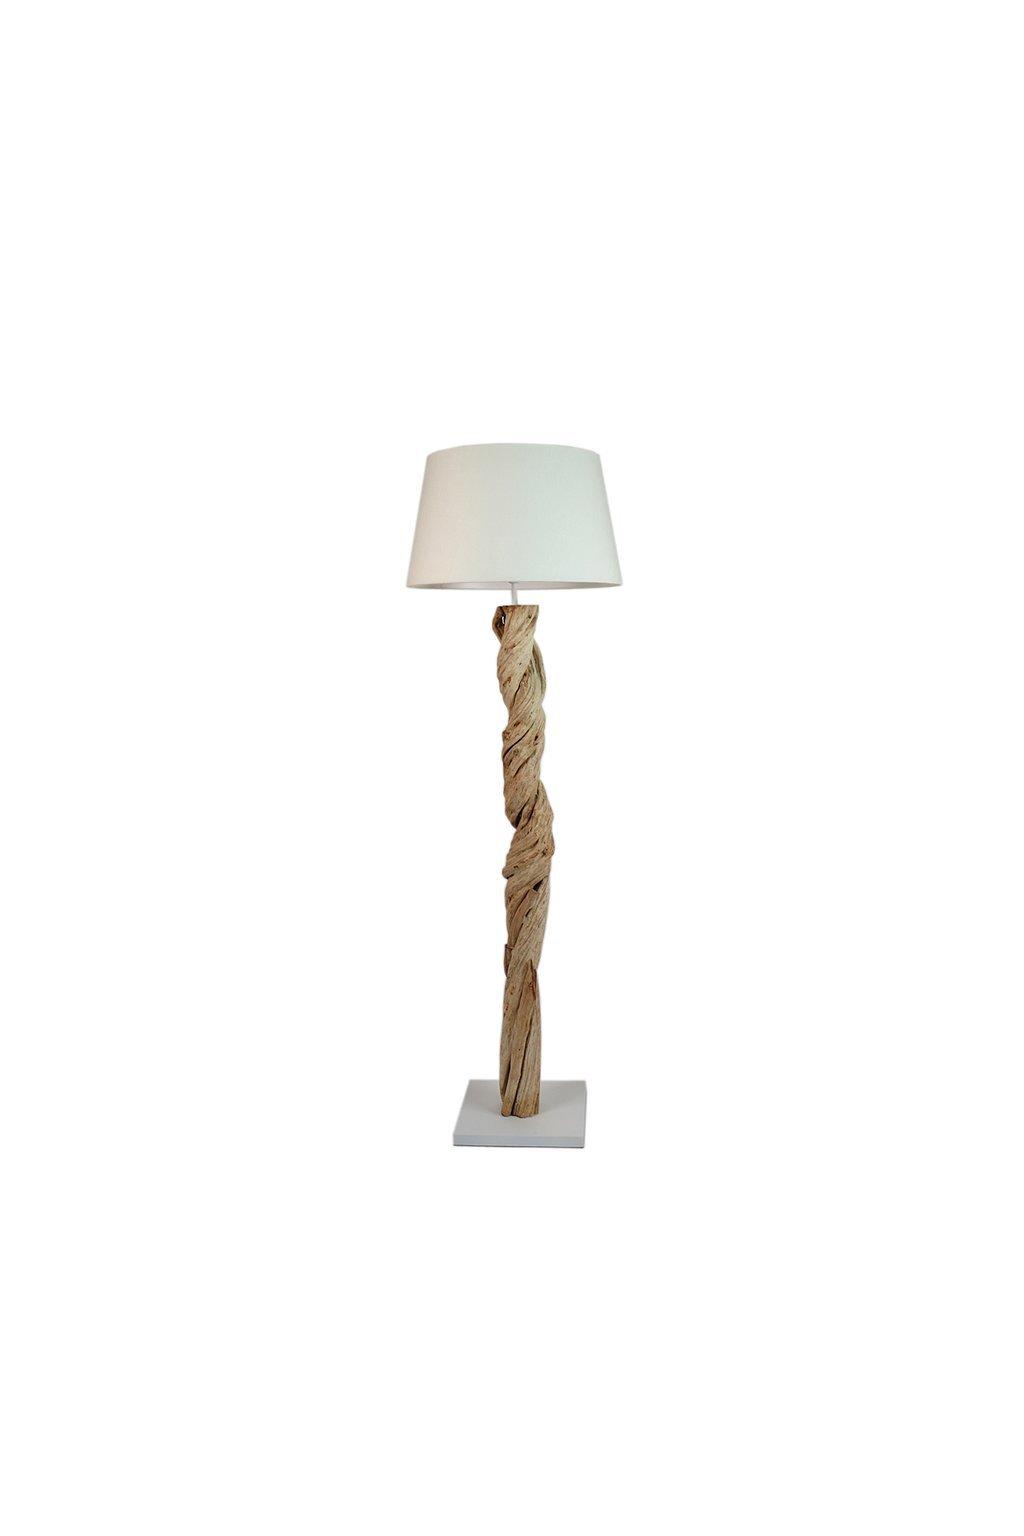 lamp 27 2